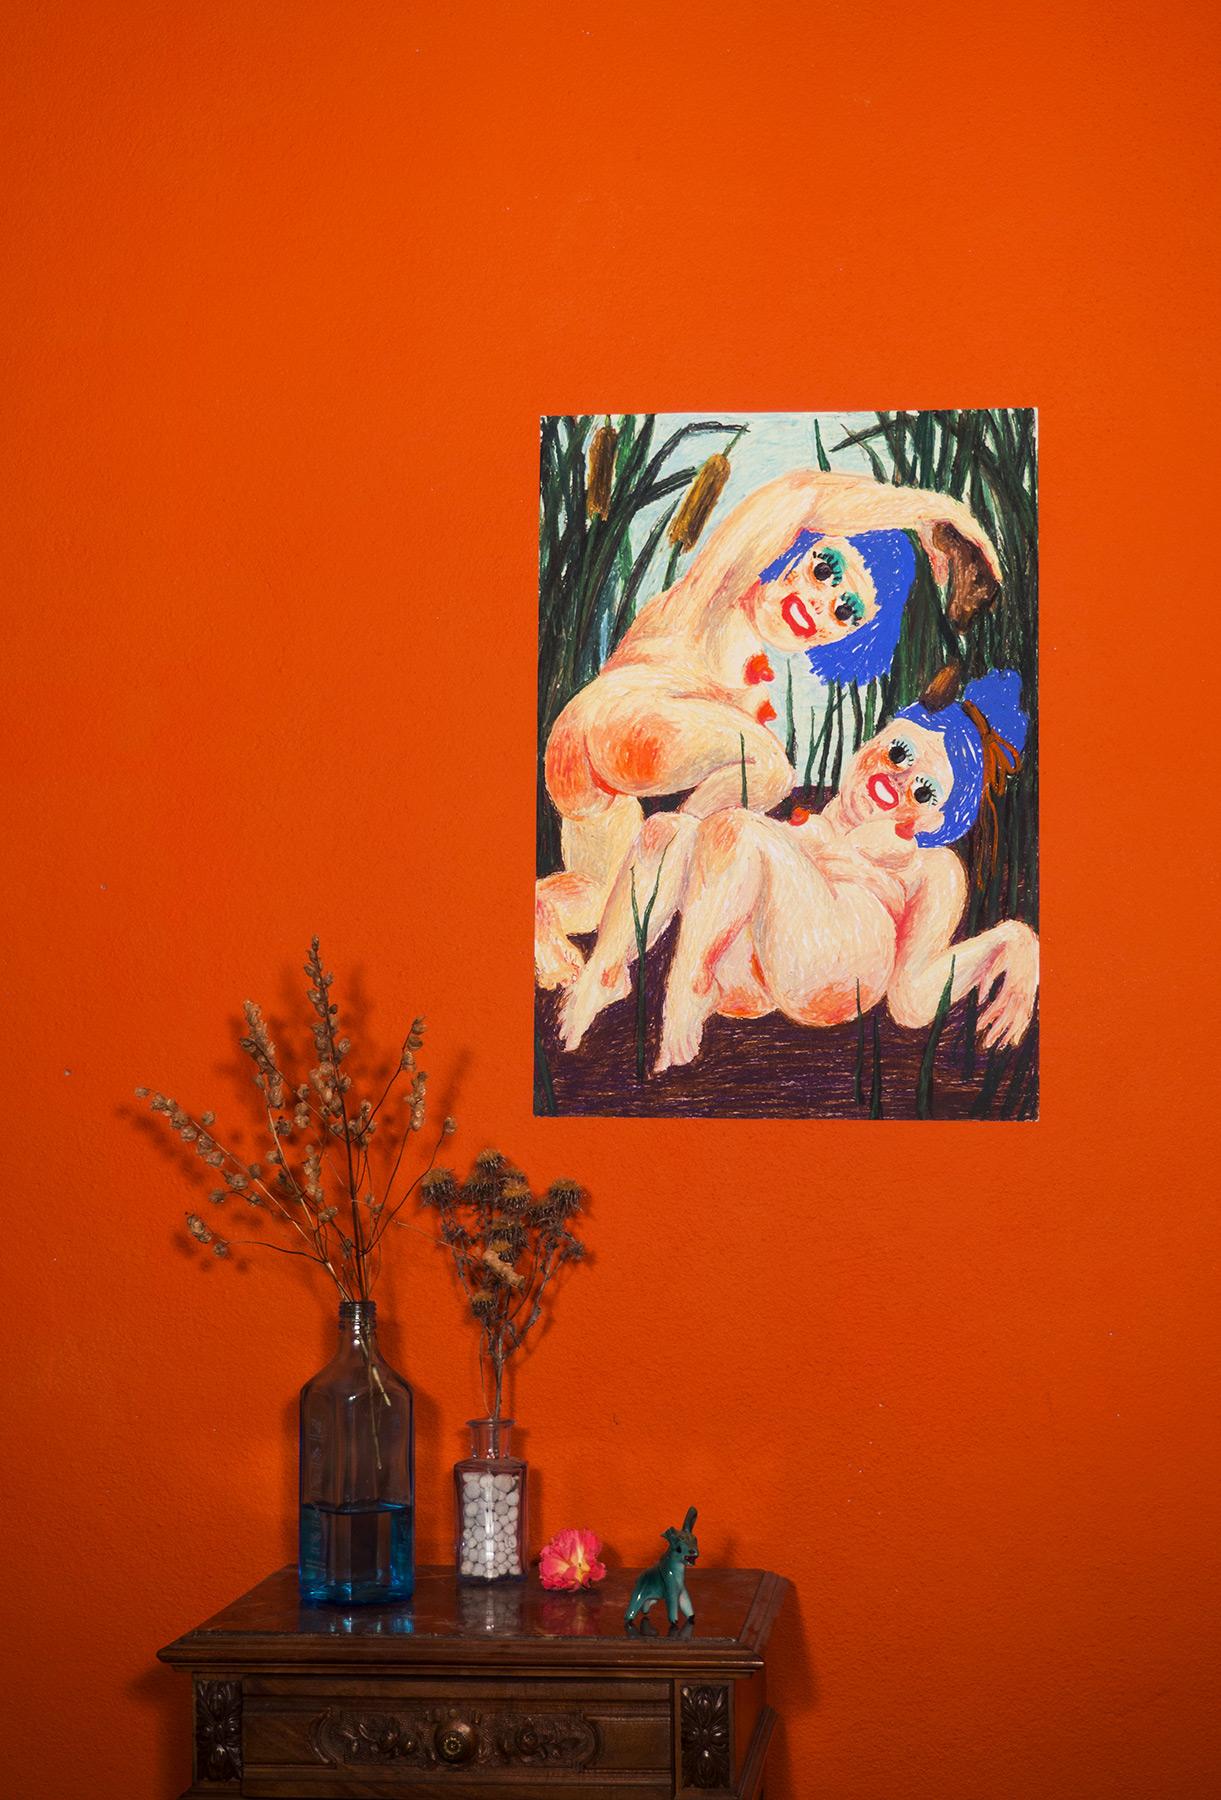 tegninger, farverige, figurative, illustrative, landskab, kroppe, humor, stemninger, natur, seksualitet, beige, brune, grønne, olie, sjove, samtidskunst, dansk, erotiske, kvindelig, feminist, have, piger, interiør, bolig-indretning, moderne, moderne-kunst, nordisk, nøgen, skandinavisk, seksuel, underlig, Køb original kunst og kunstplakater. Malerier, tegninger, limited edition kunsttryk & plakater af dygtige kunstnere.